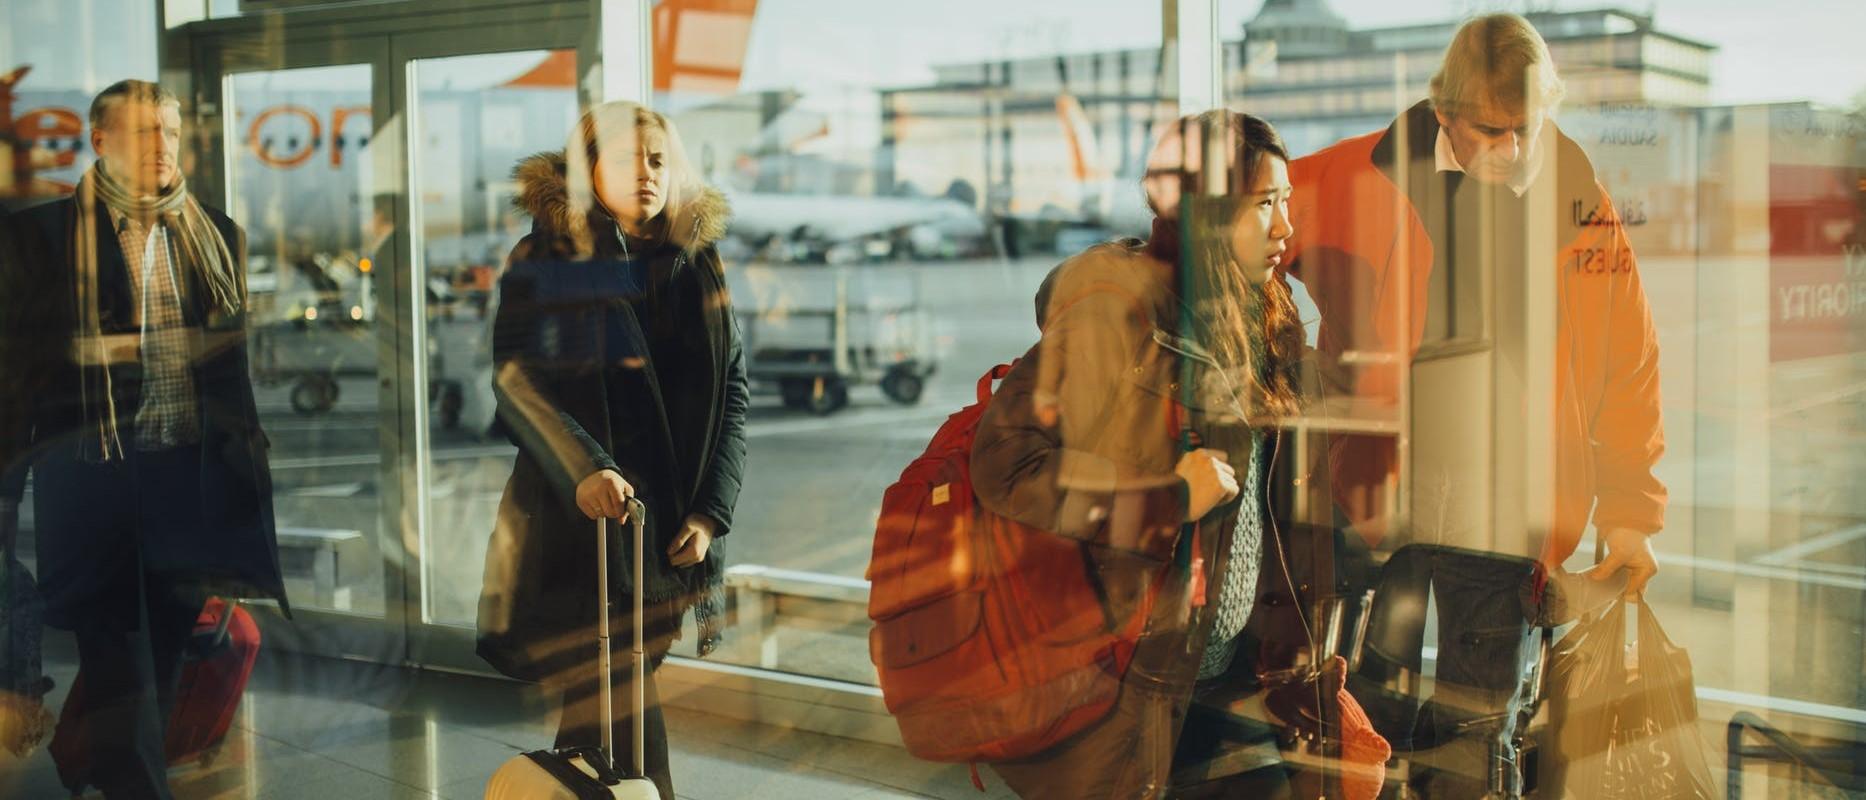 Защита данных и конфиденциальность – это вызов для индустрии туризма